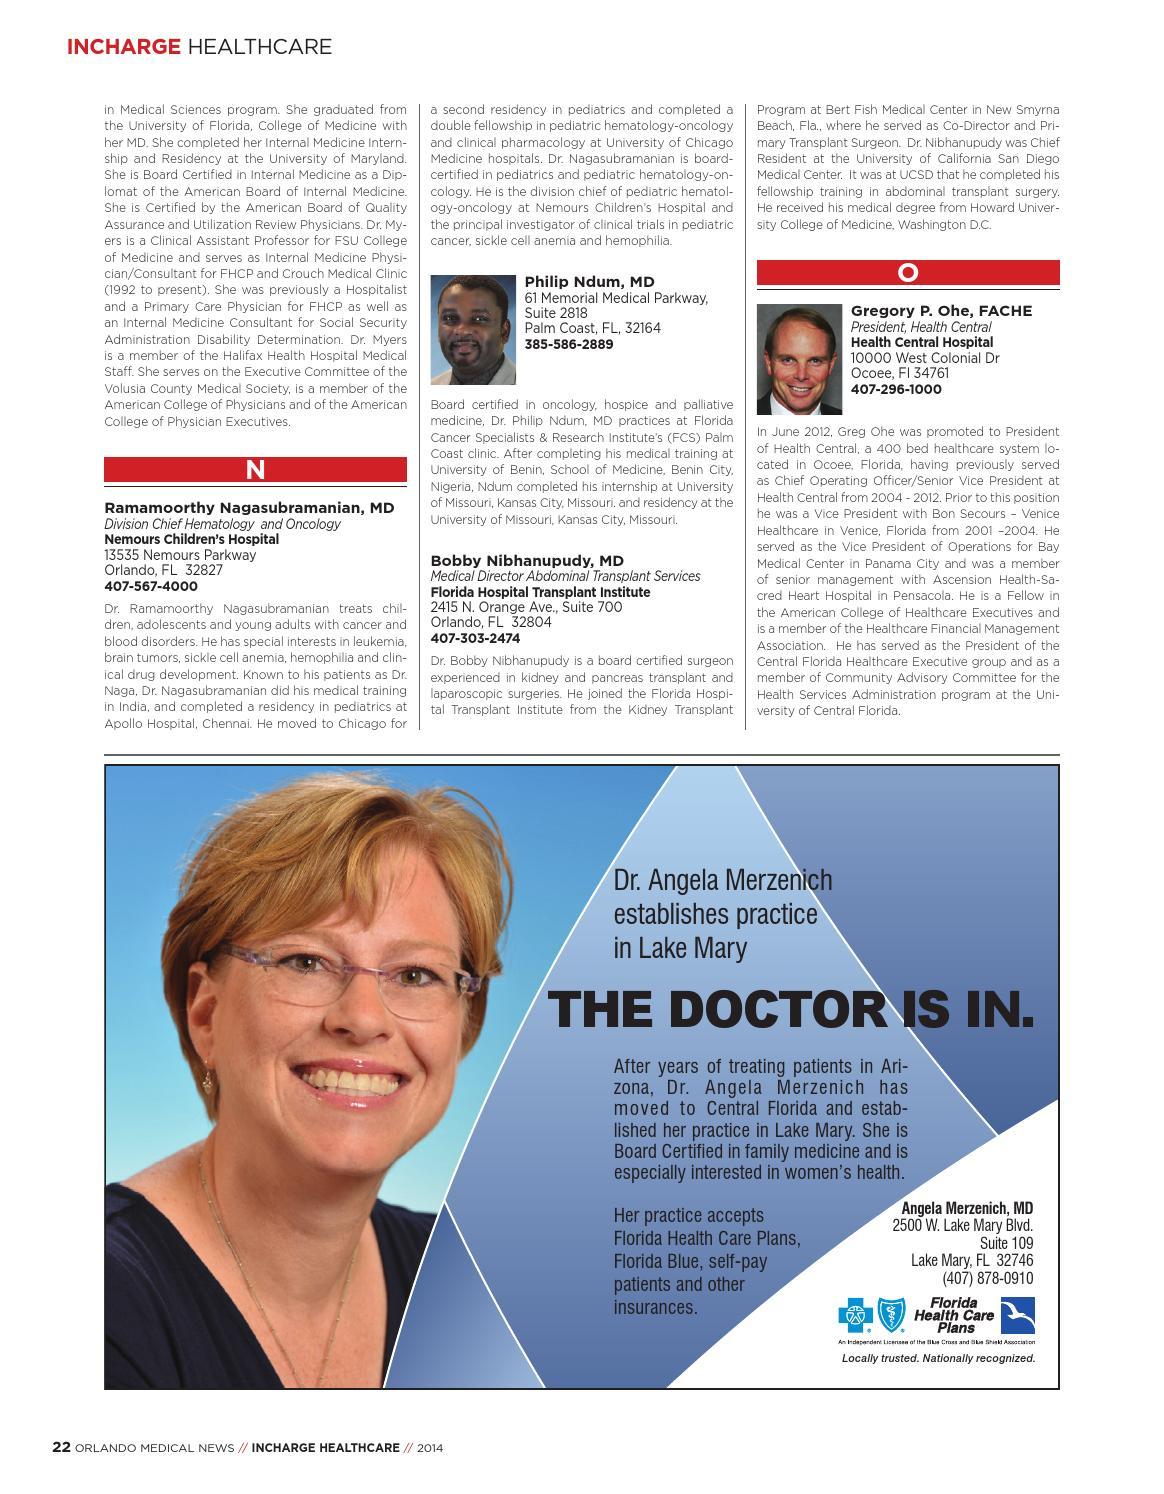 Orlando Medical News InCharge 2014 by FW Publishing - issuu